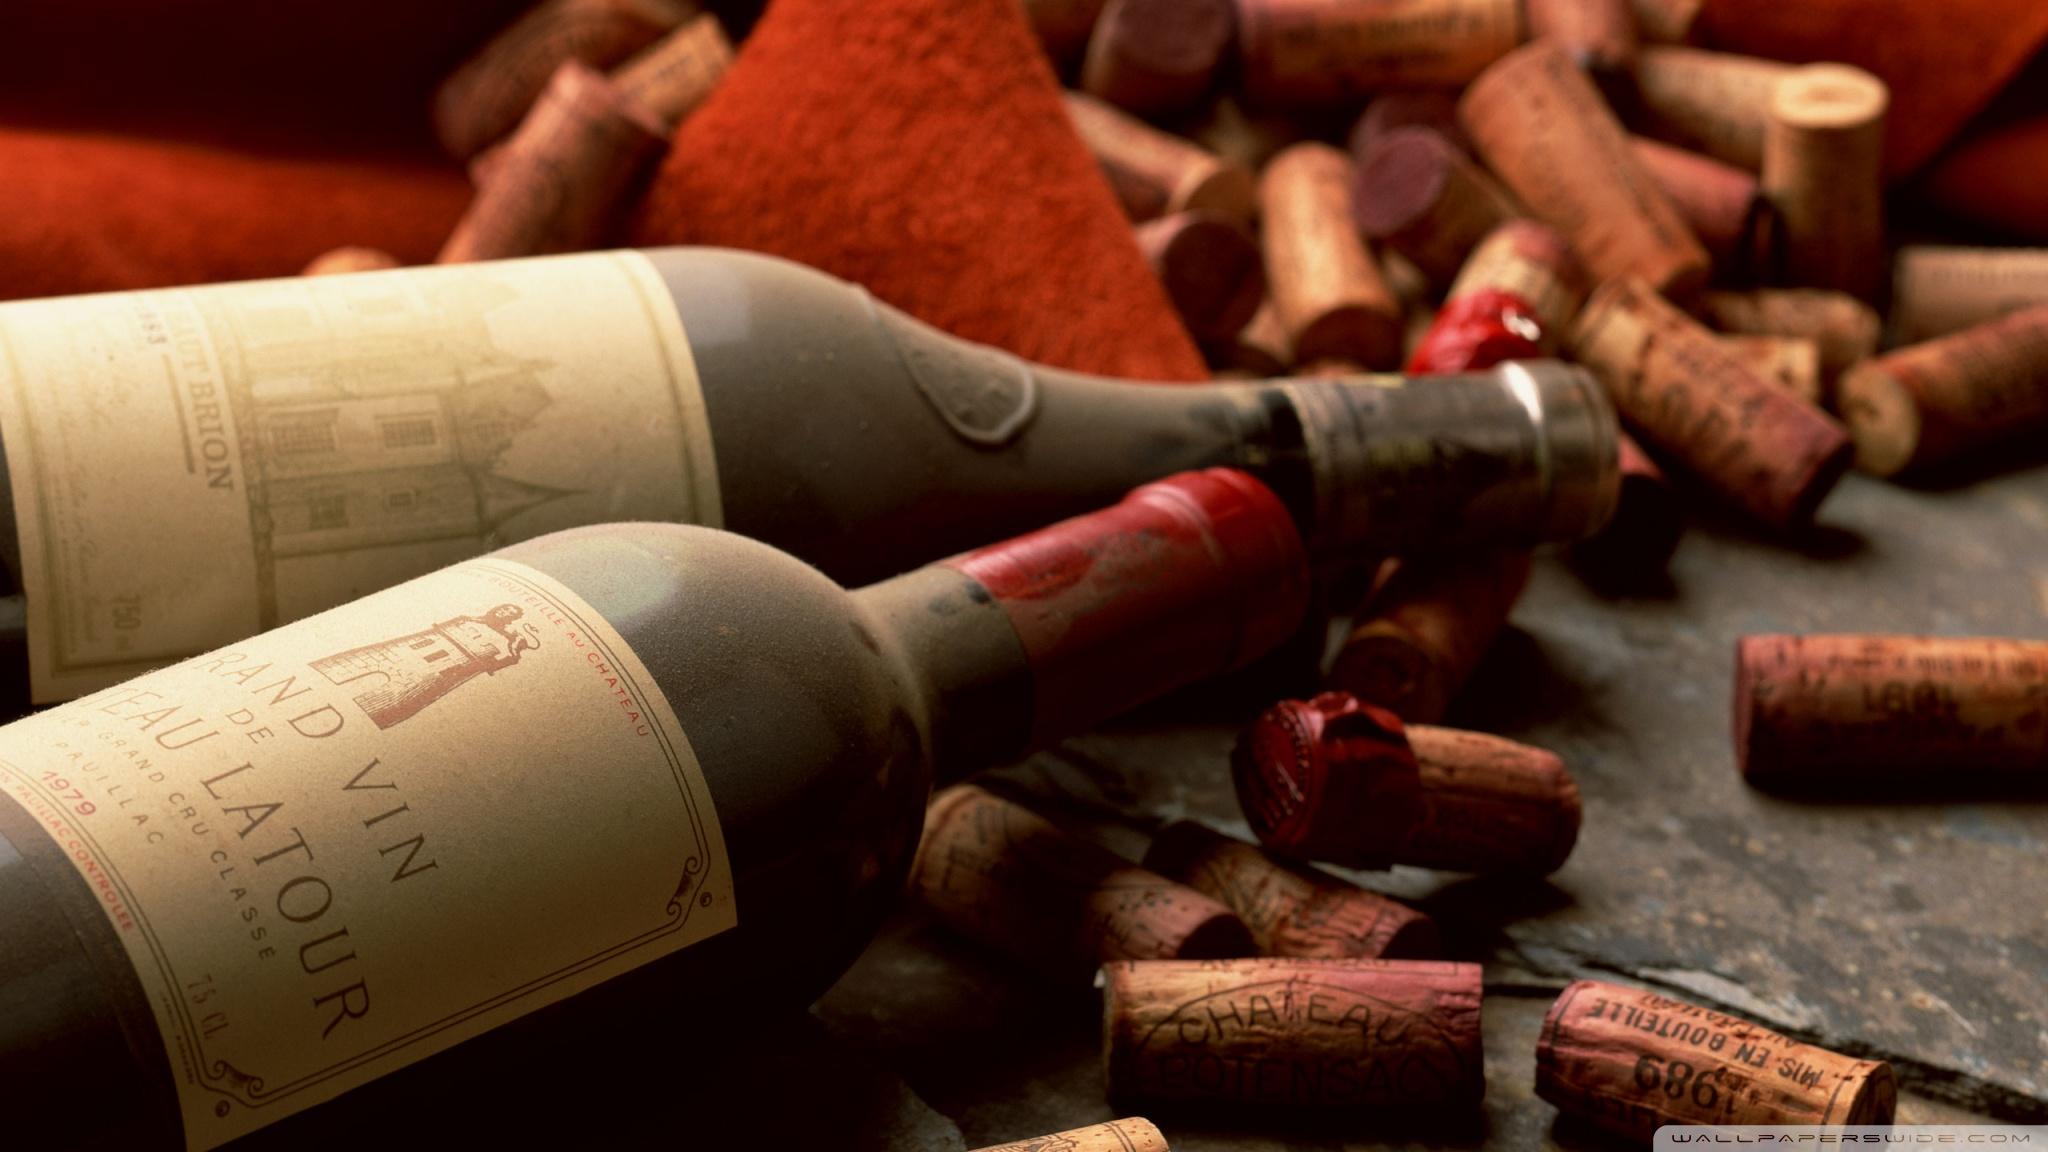 две бутылки вина, пробки для вина, скачать фото, обои для рабочего стола